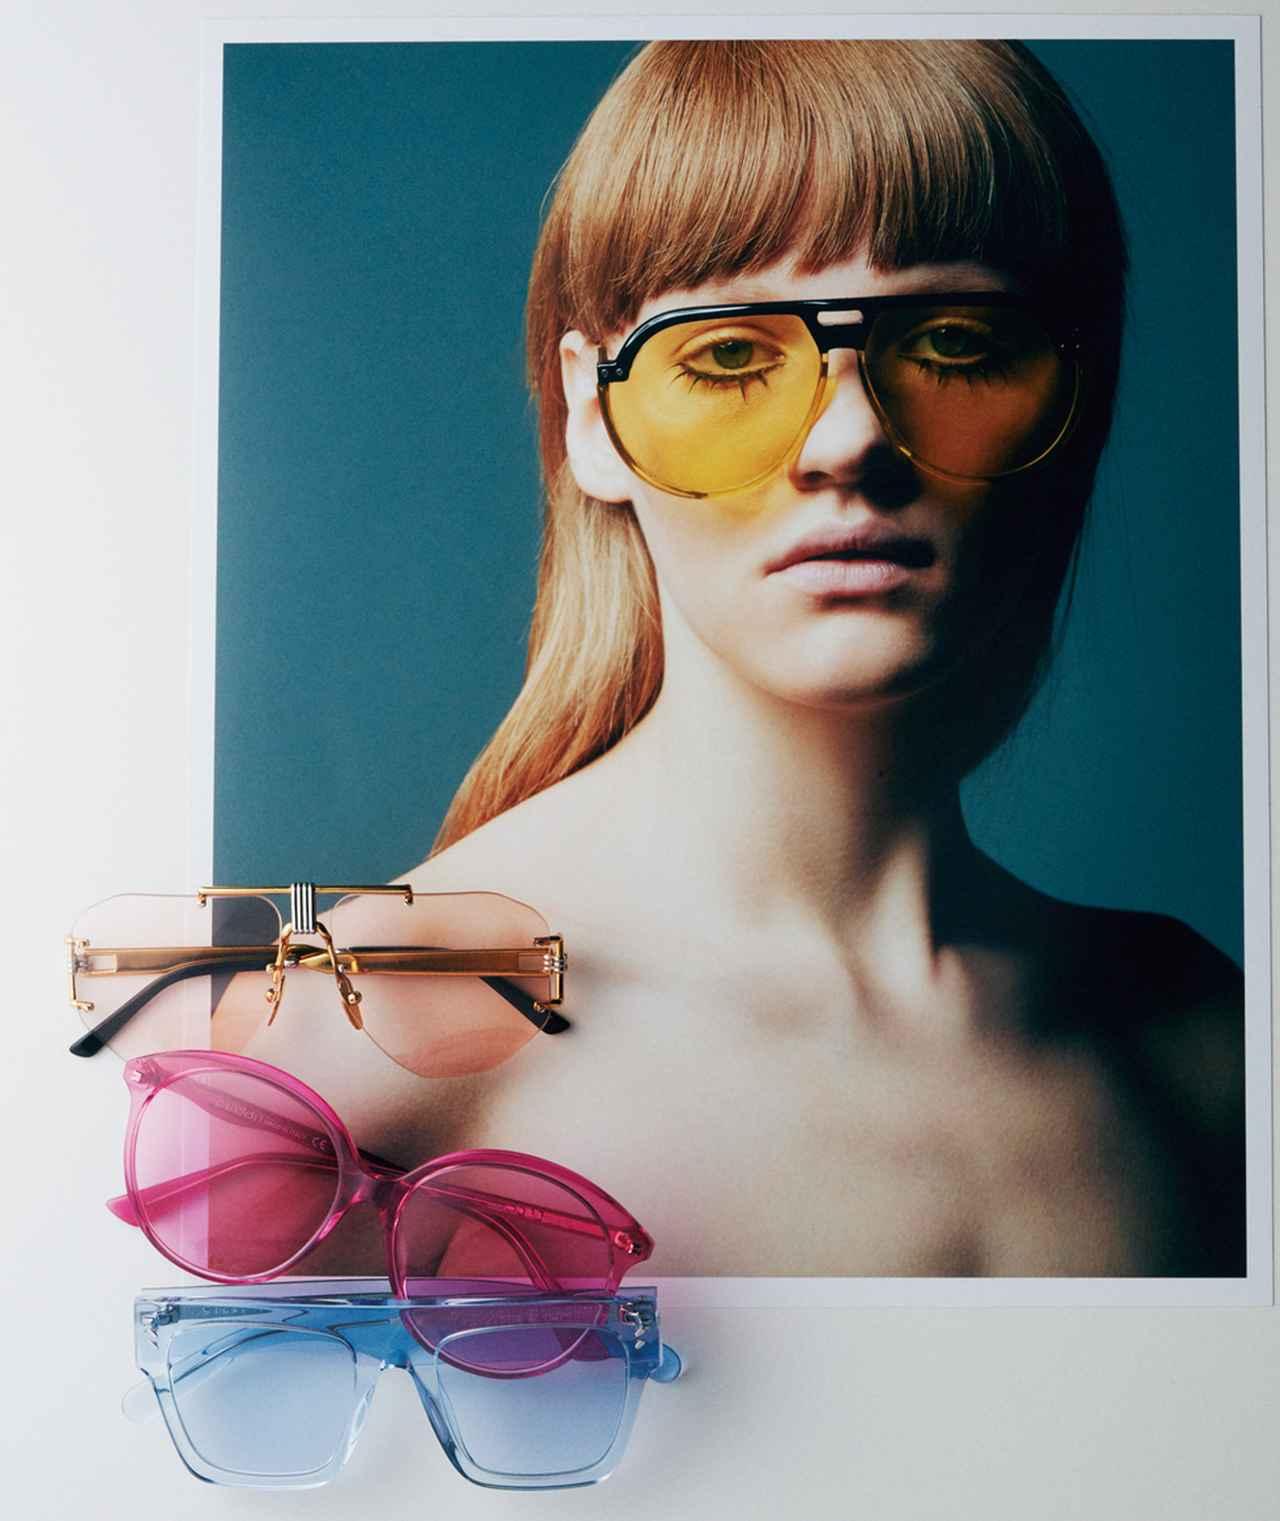 Images : 1番目の画像 - 「今シーズンHOTなサングラス」のアルバム - T JAPAN:The New York Times Style Magazine 公式サイト